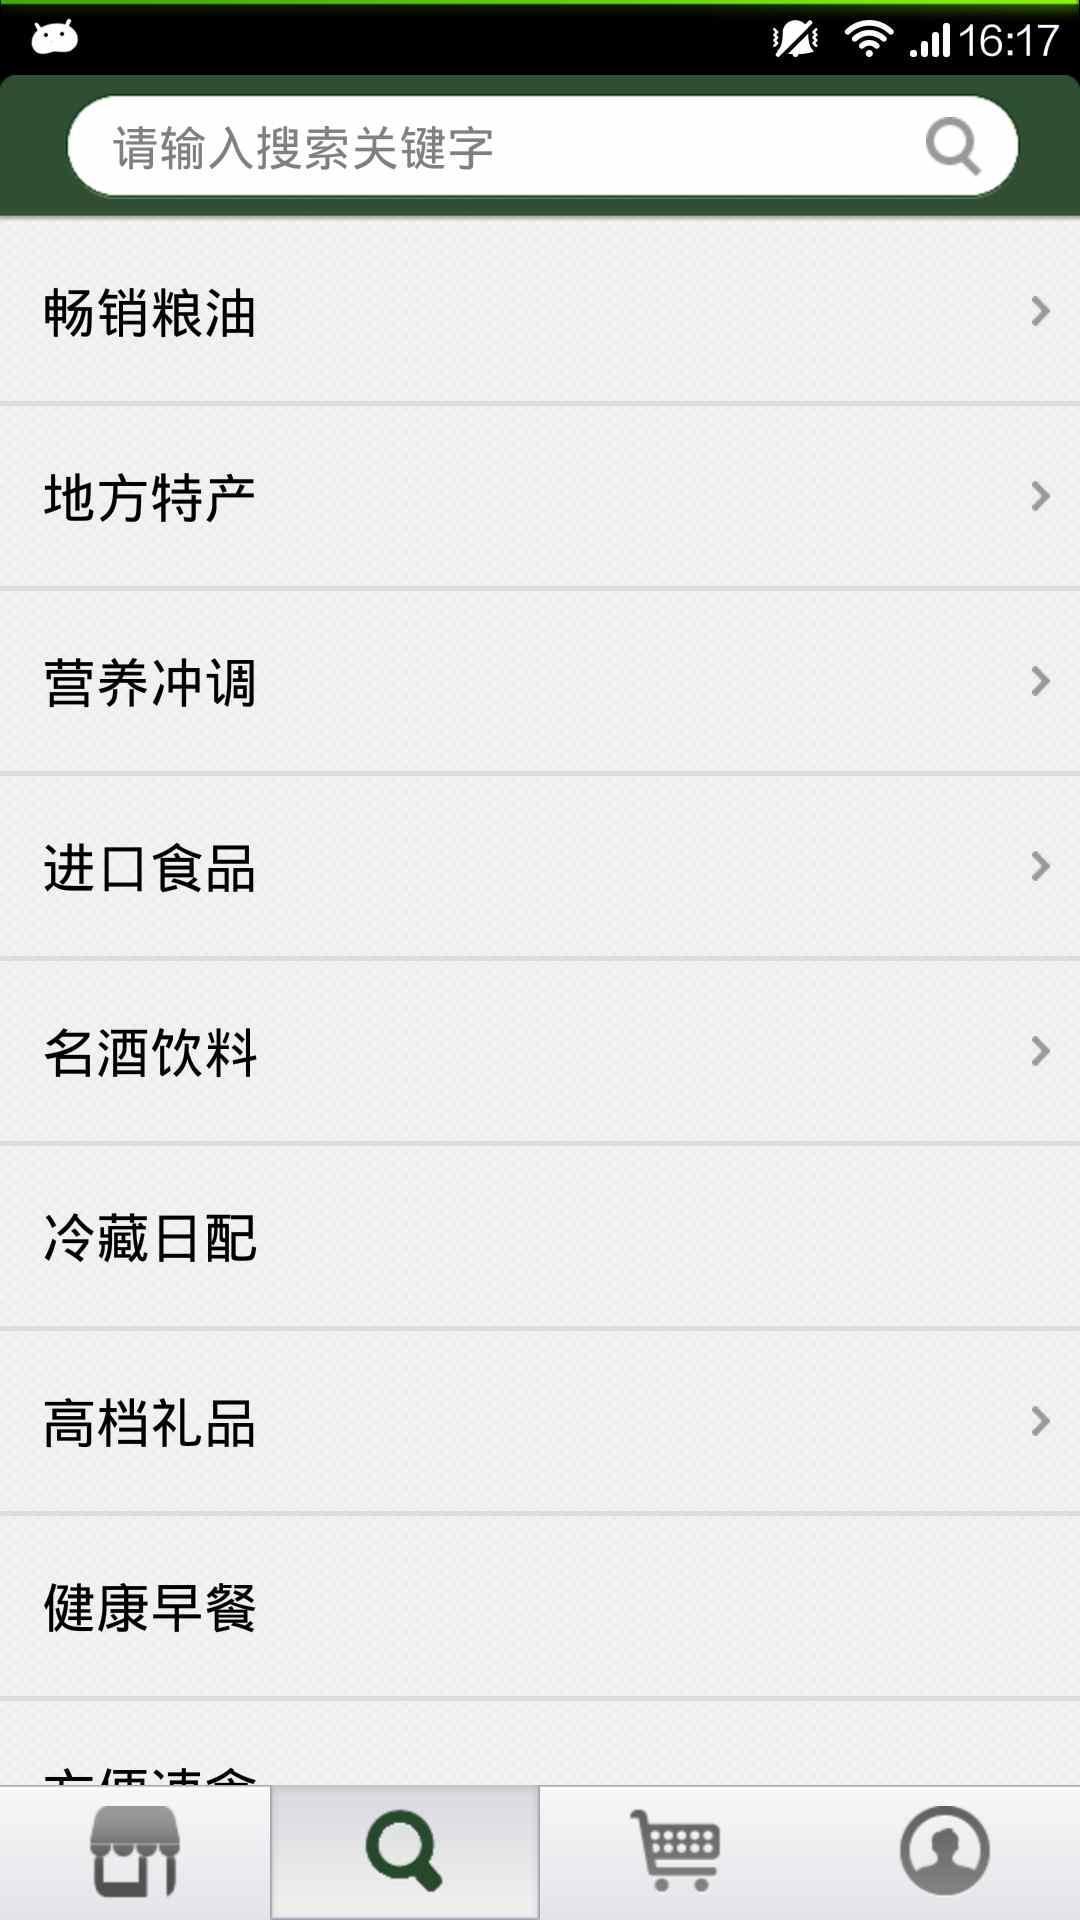 黑龙江绿色食品官网